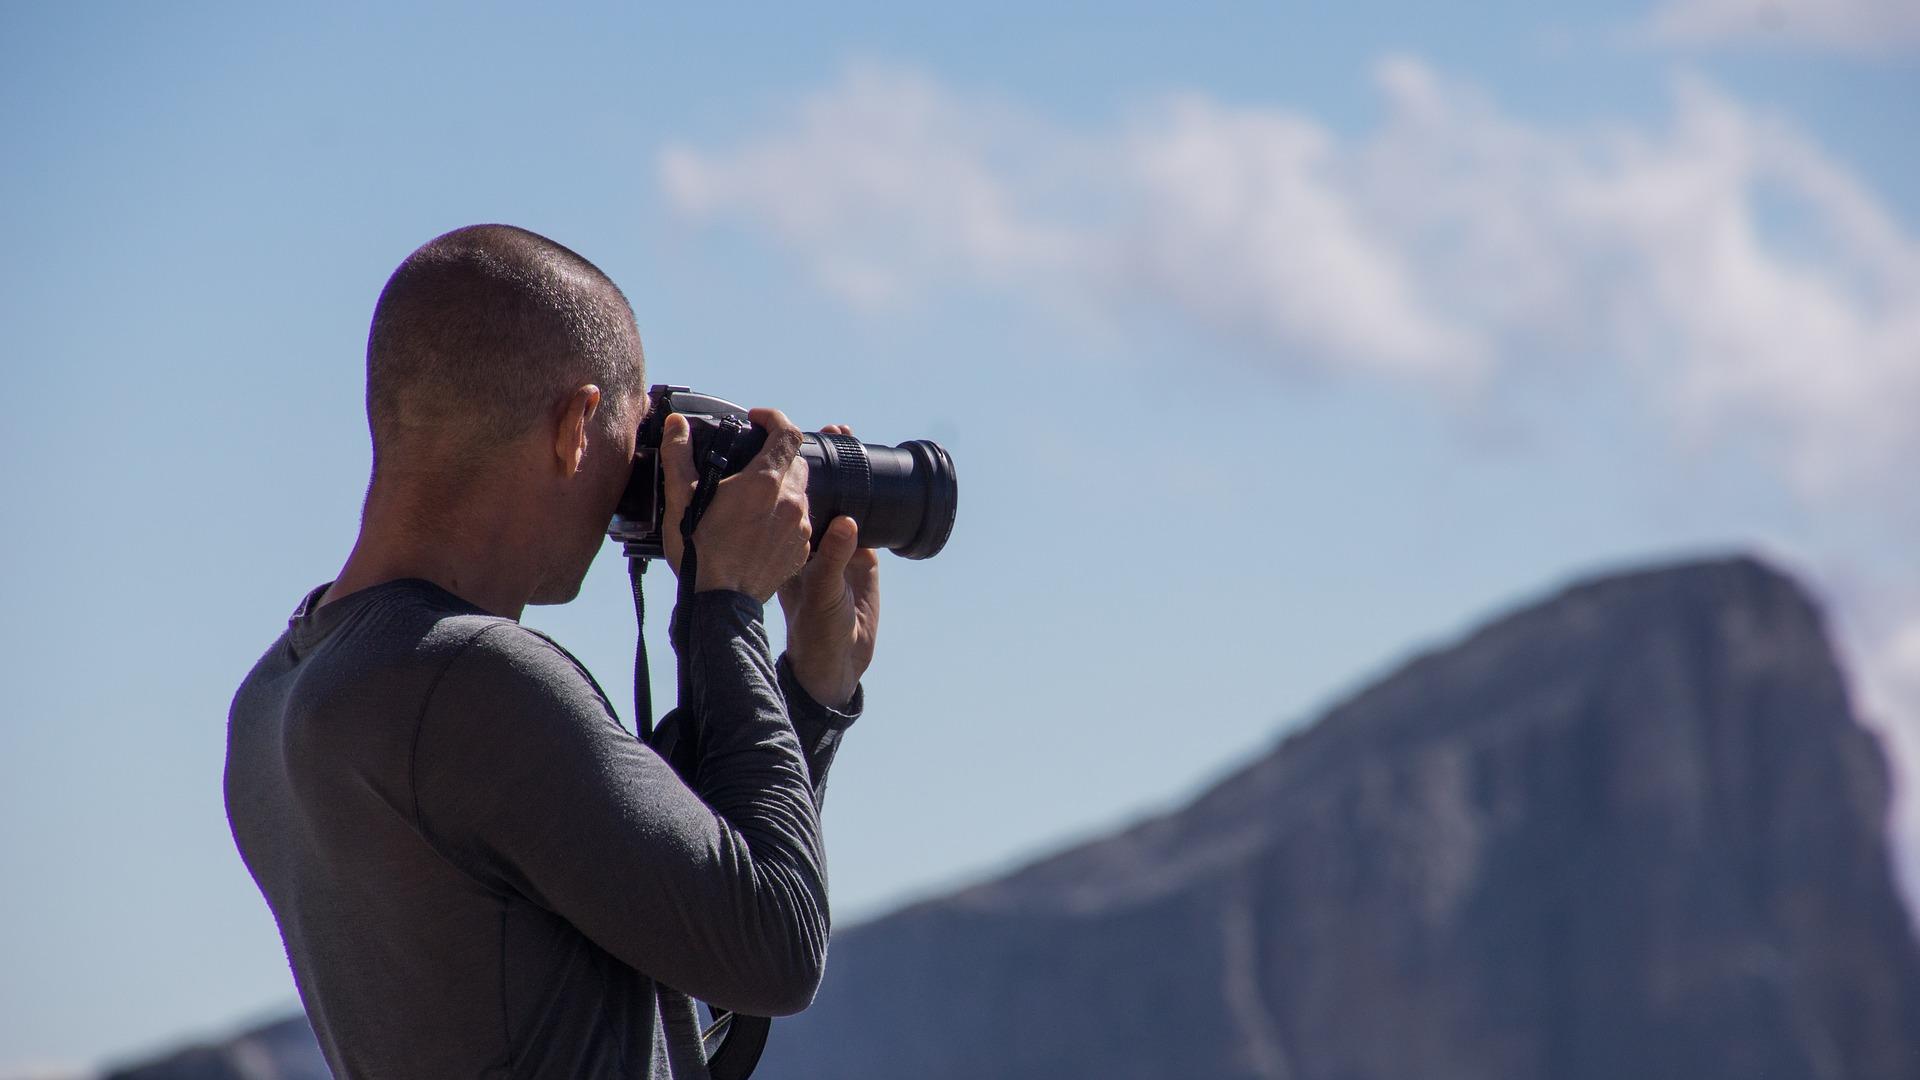 más preguntas sobre fotografía